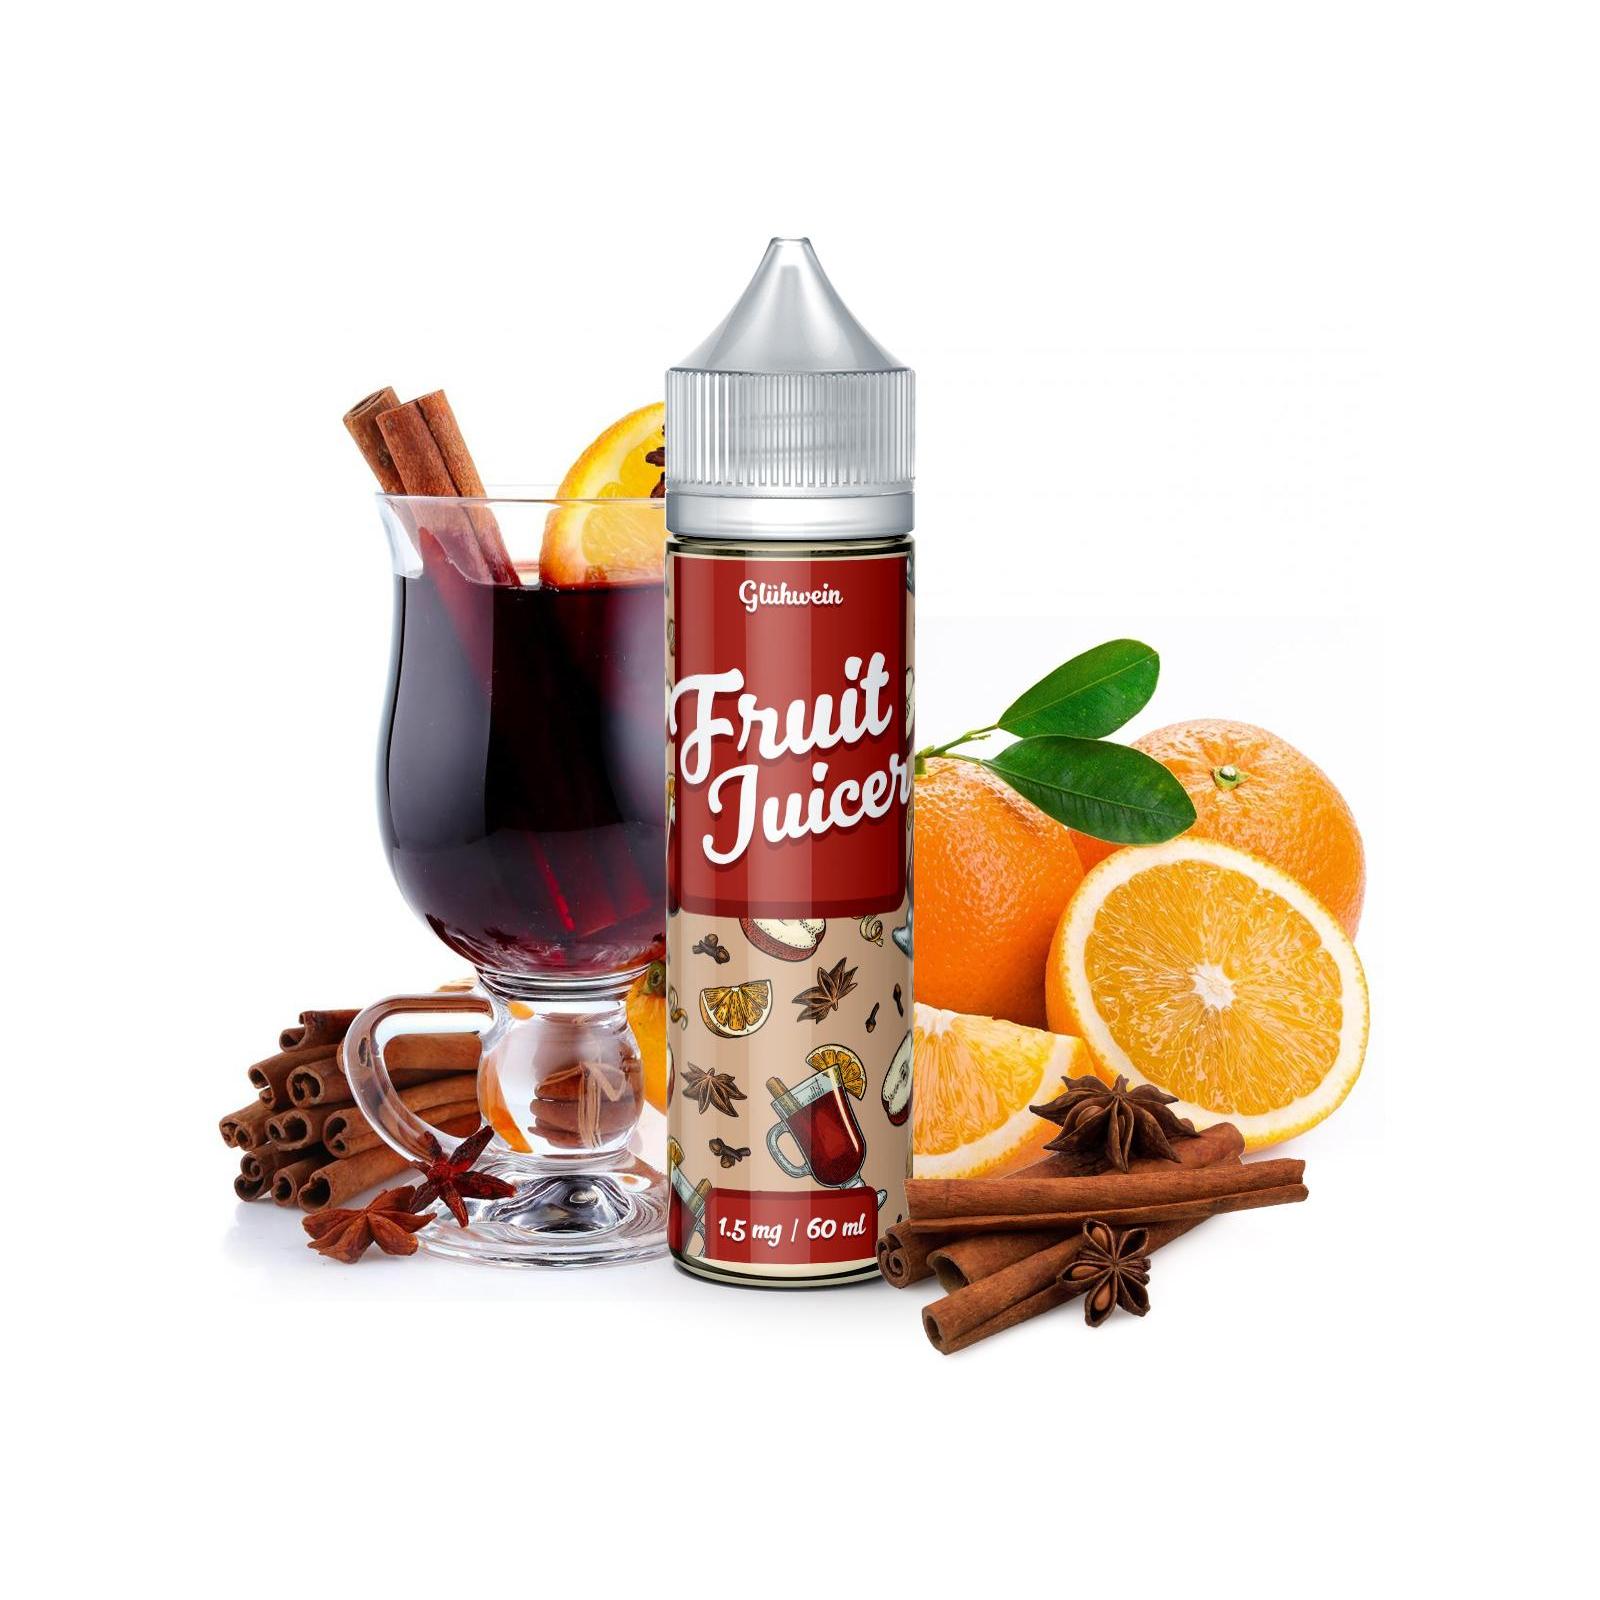 """Жидкость для электронных сигарет Fruit Juicer """"Glint Wine"""" 60 ml 1.5 mg/ml (FJ-GW-15)"""